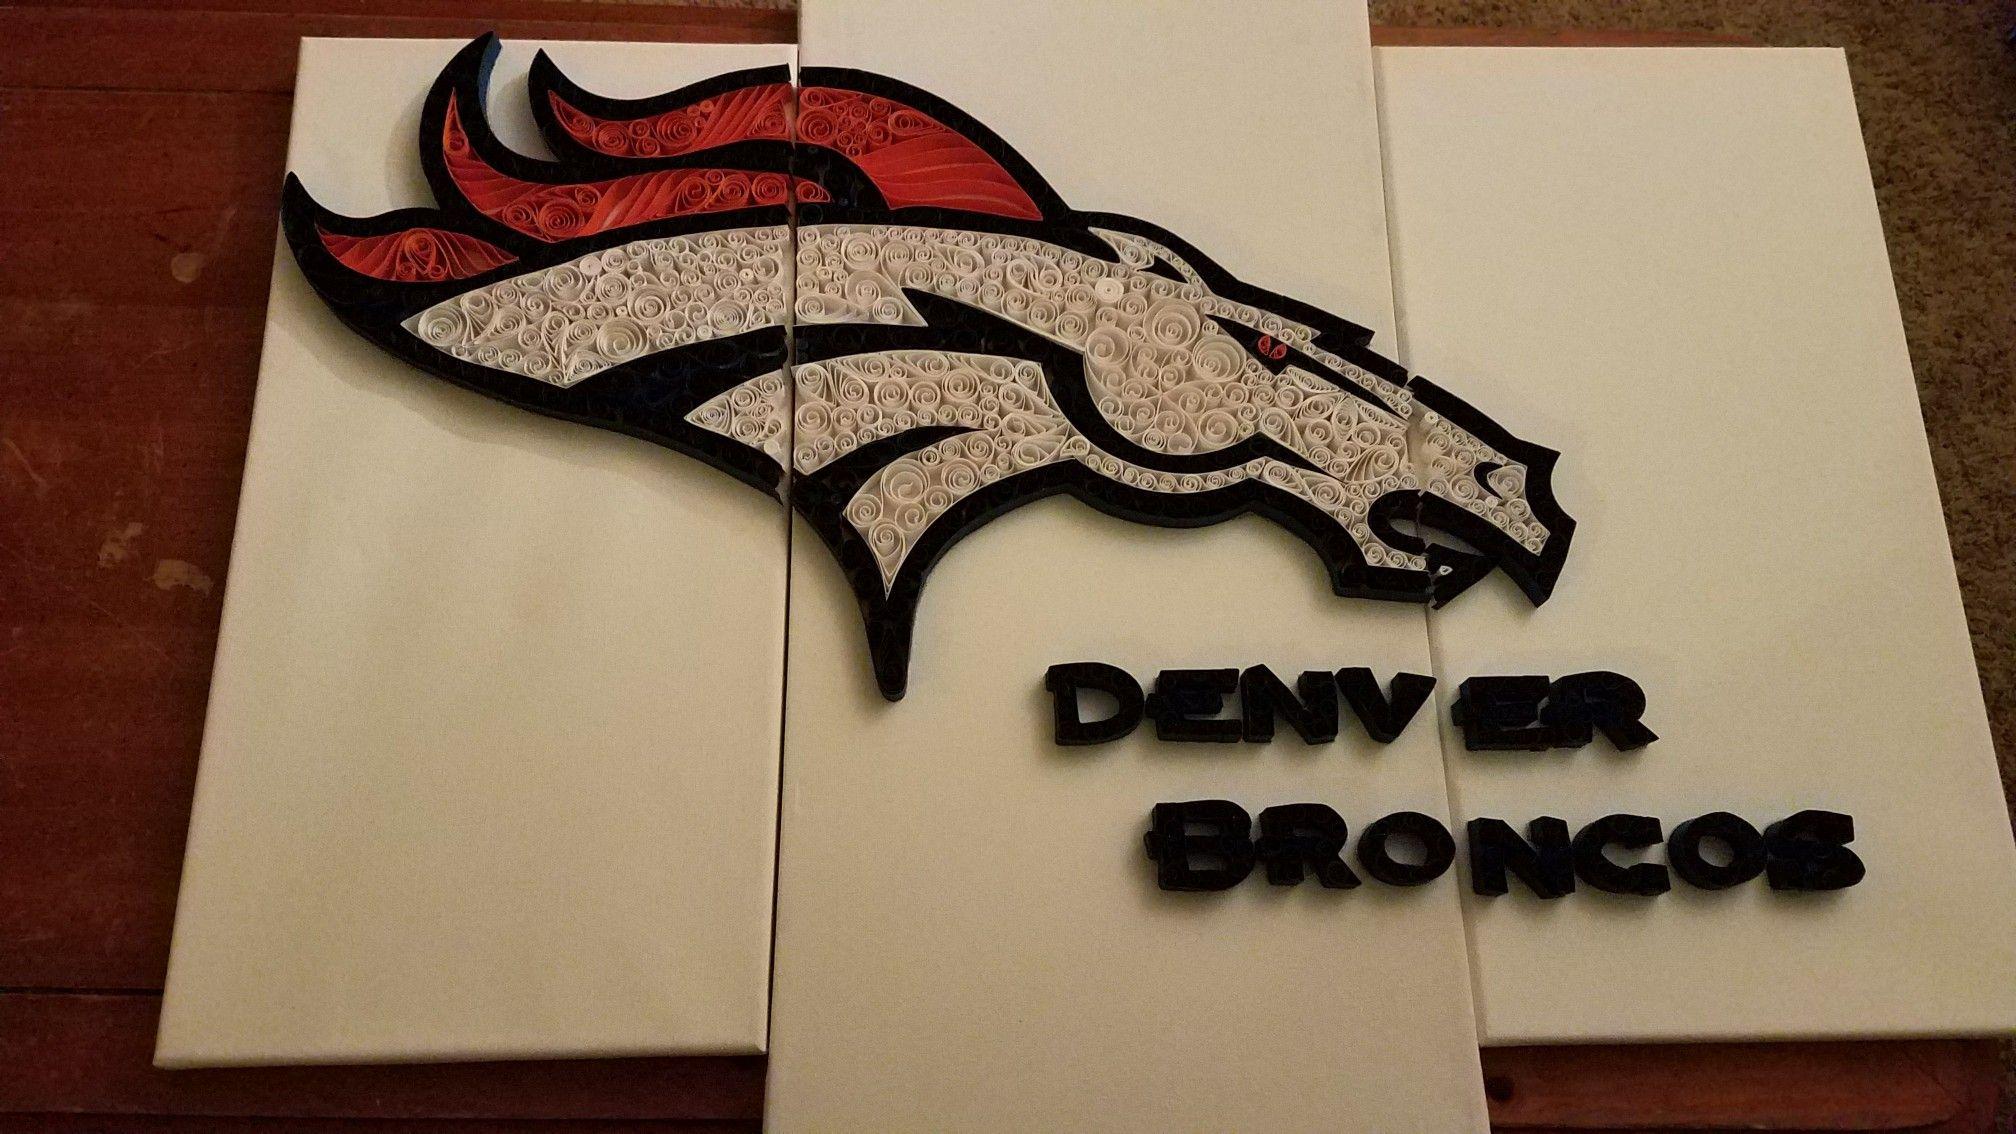 Erfreut Denver Broncos Gerahmte Kunst Bilder - Benutzerdefinierte ...